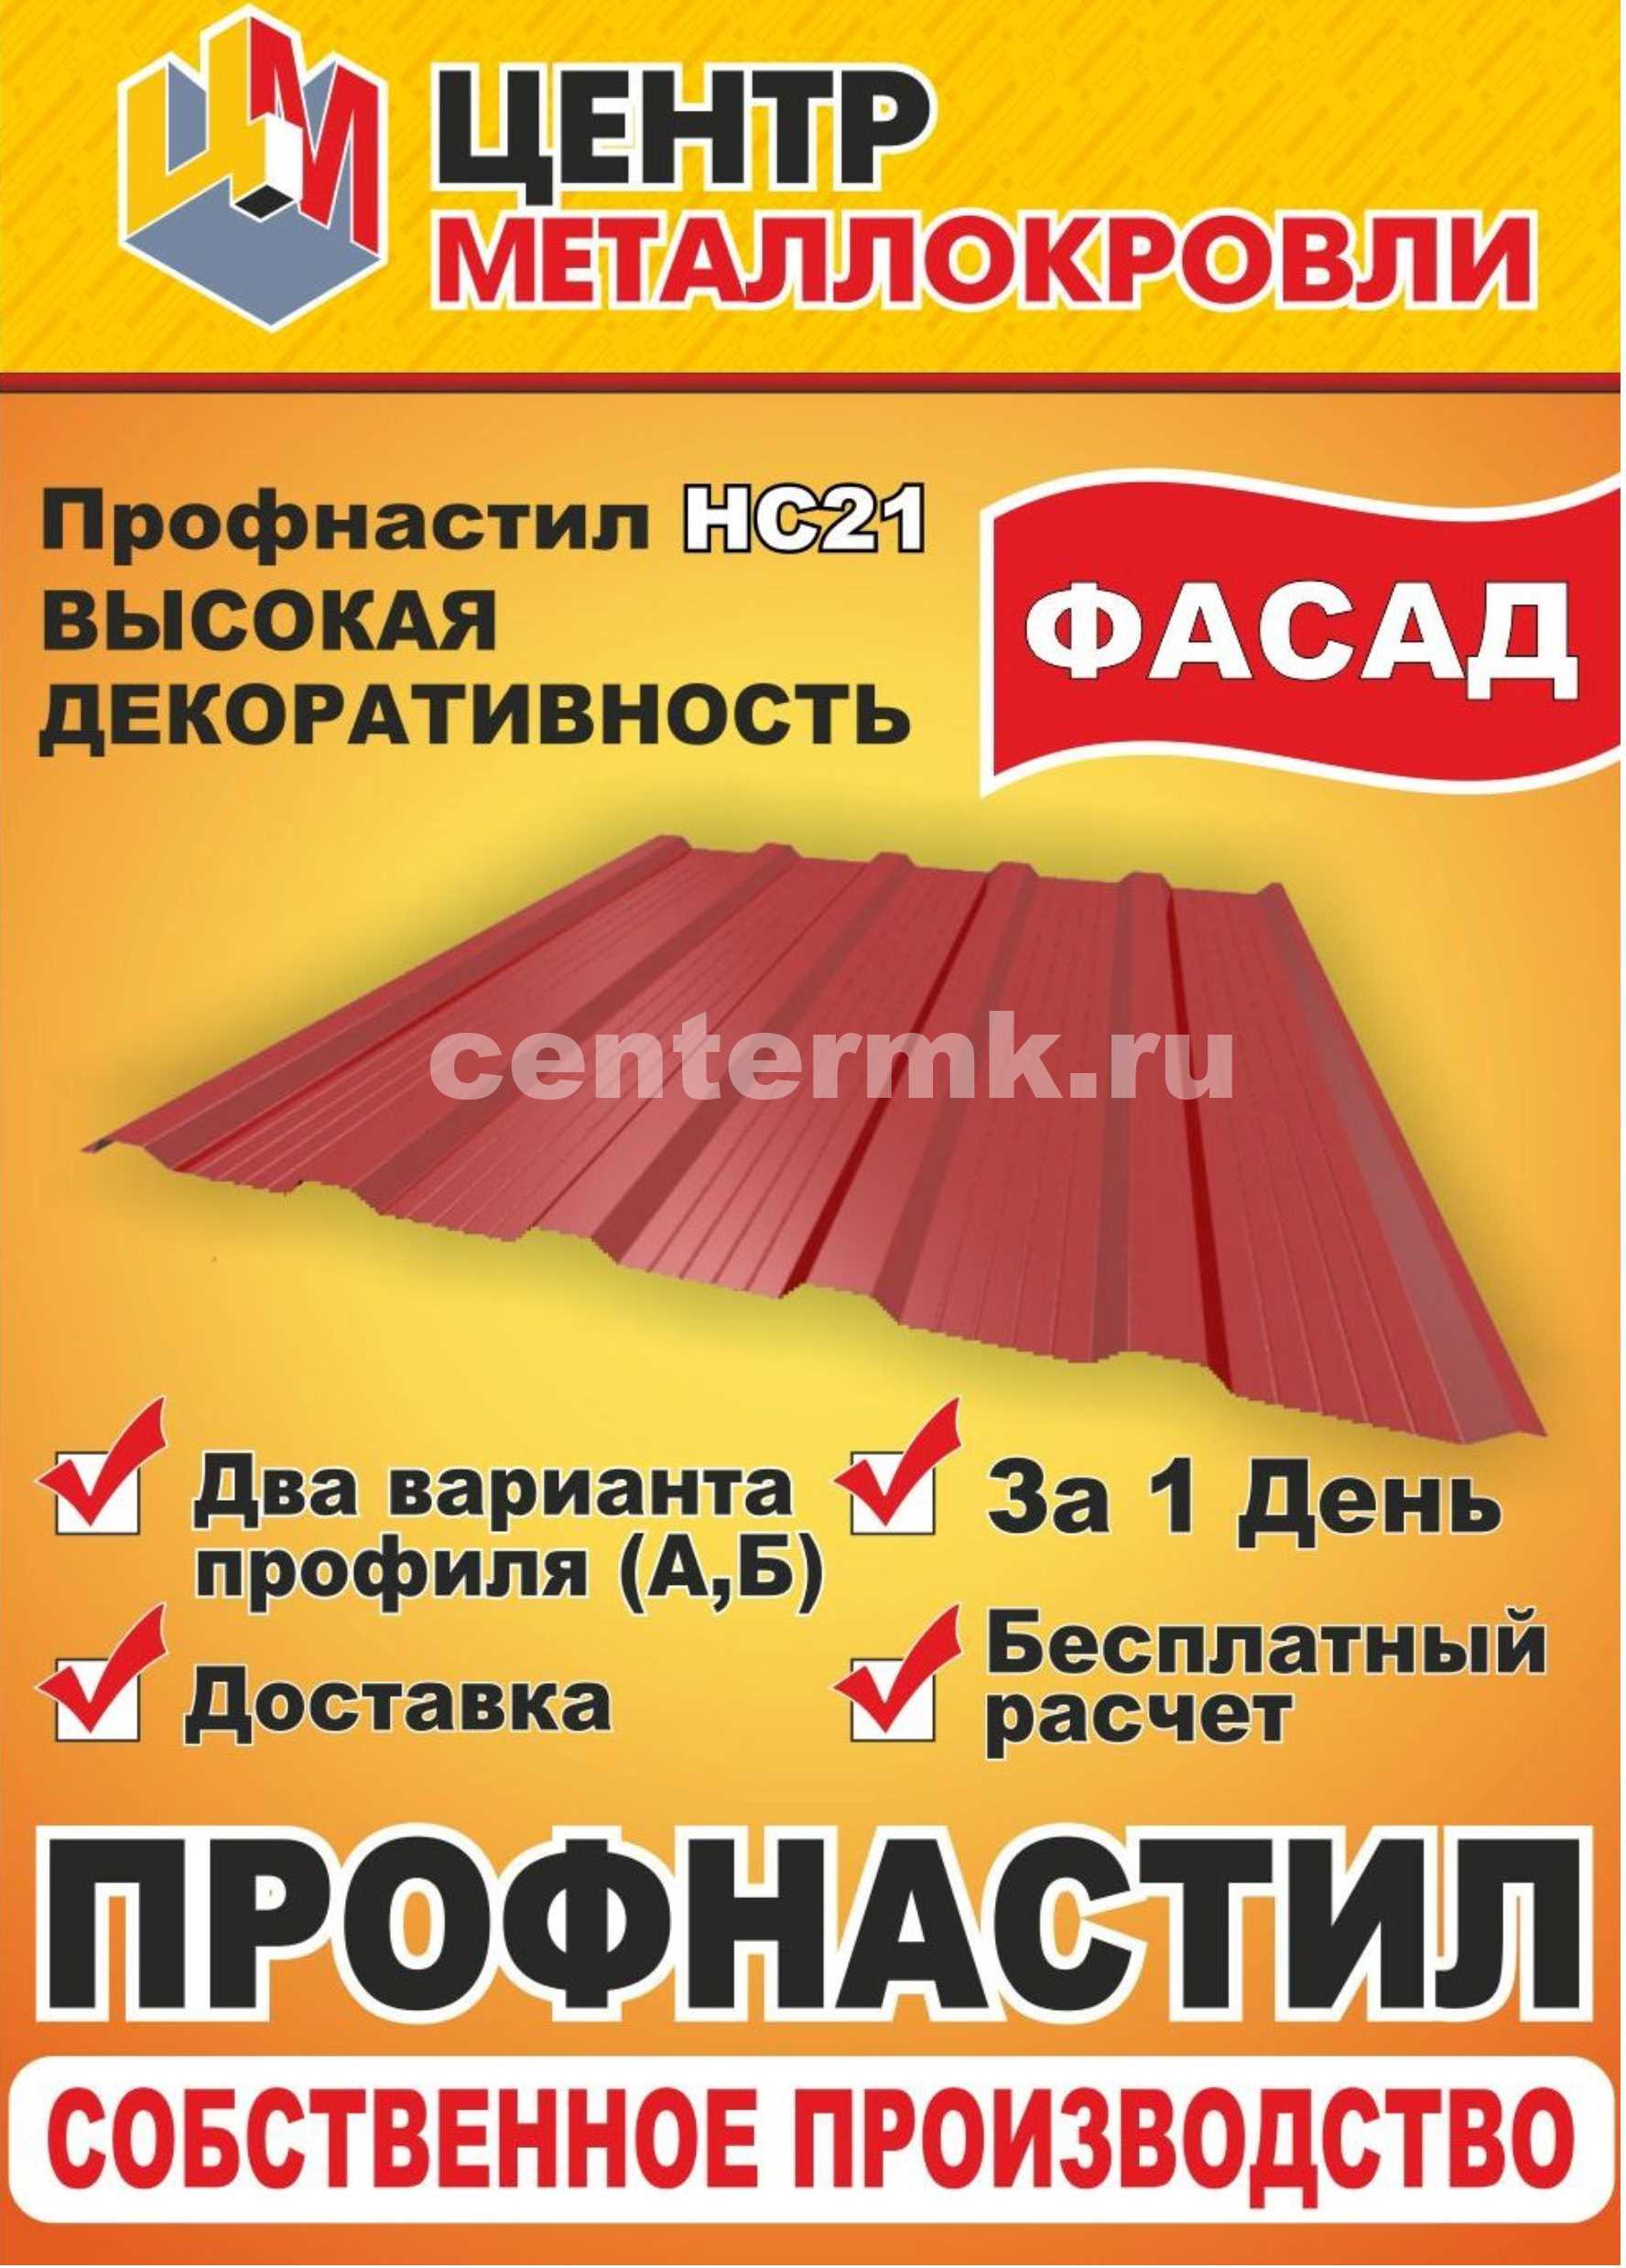 Профнастил НС-21 в Перми